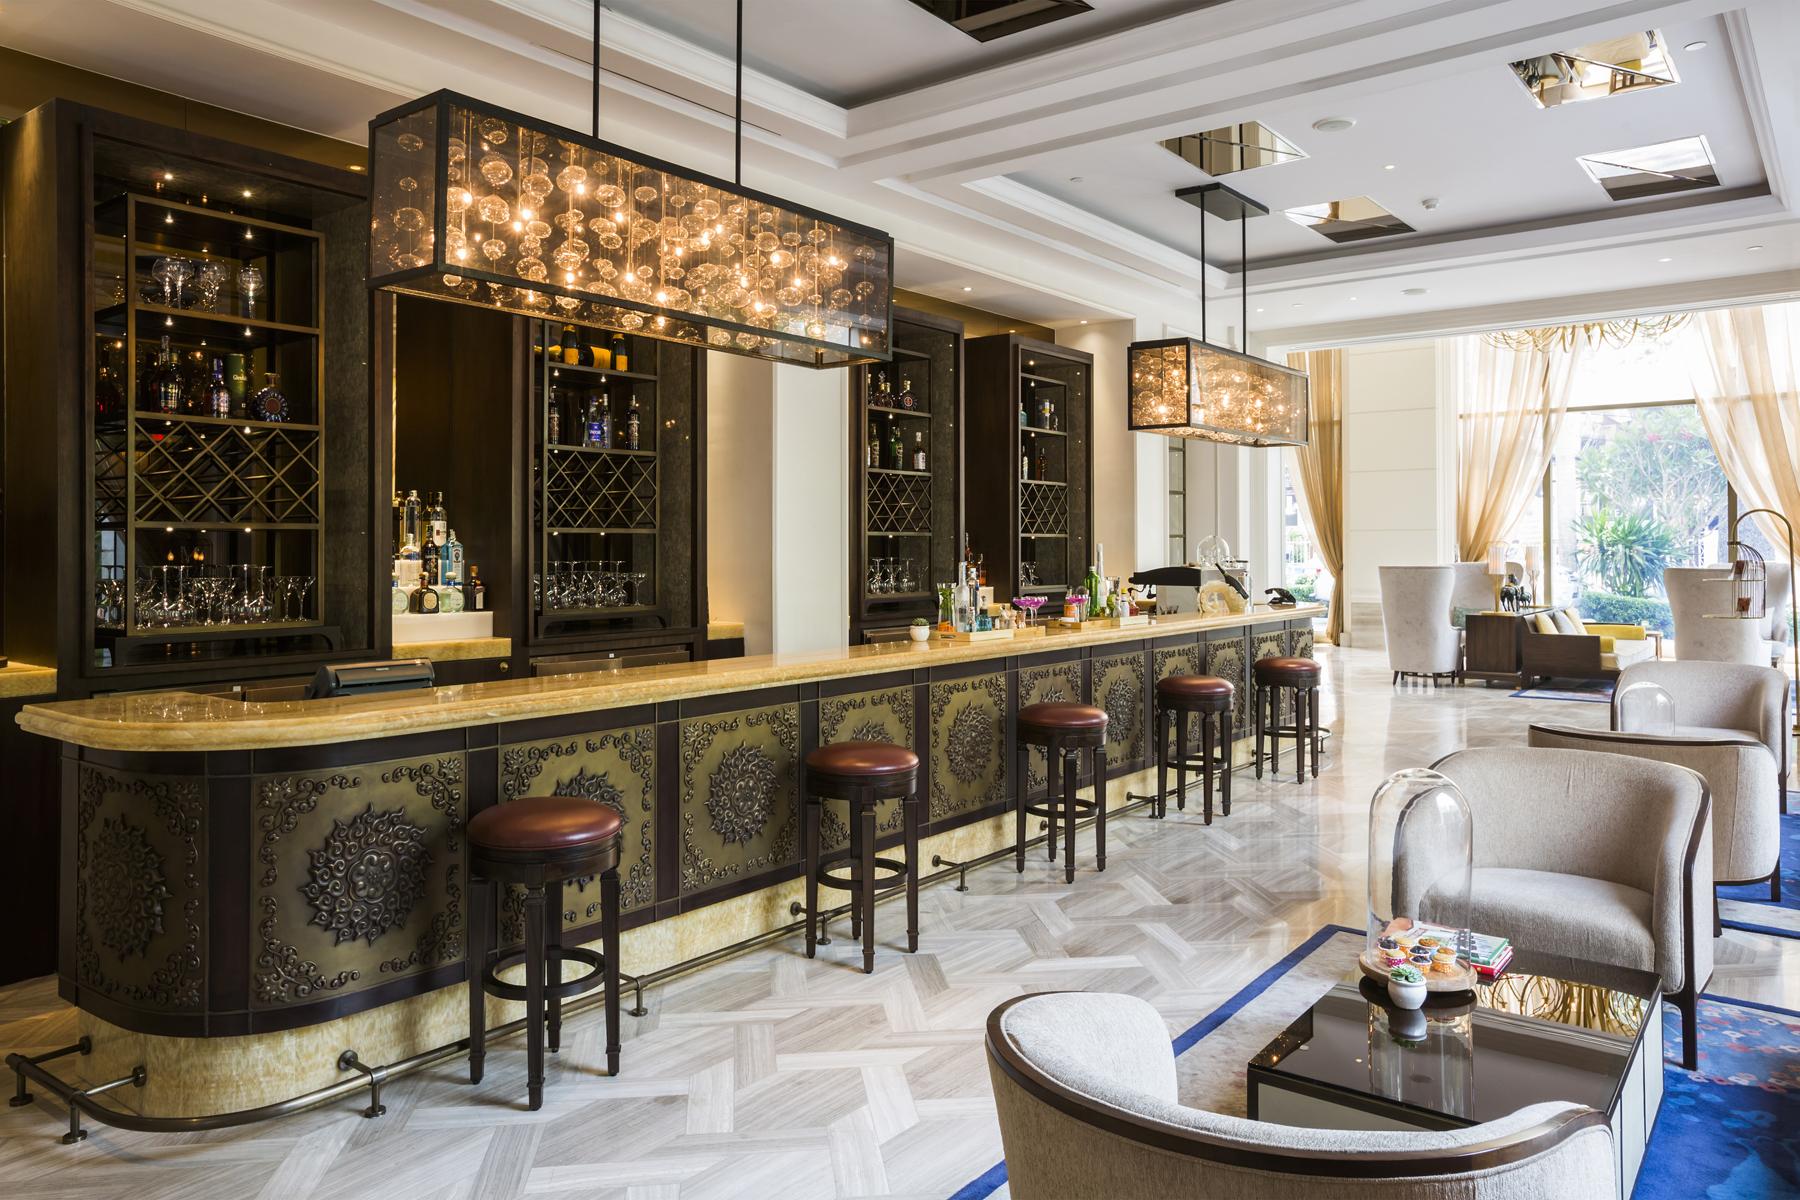 địa điểm nghỉ dưỡng Hotel des Arts Saigon.